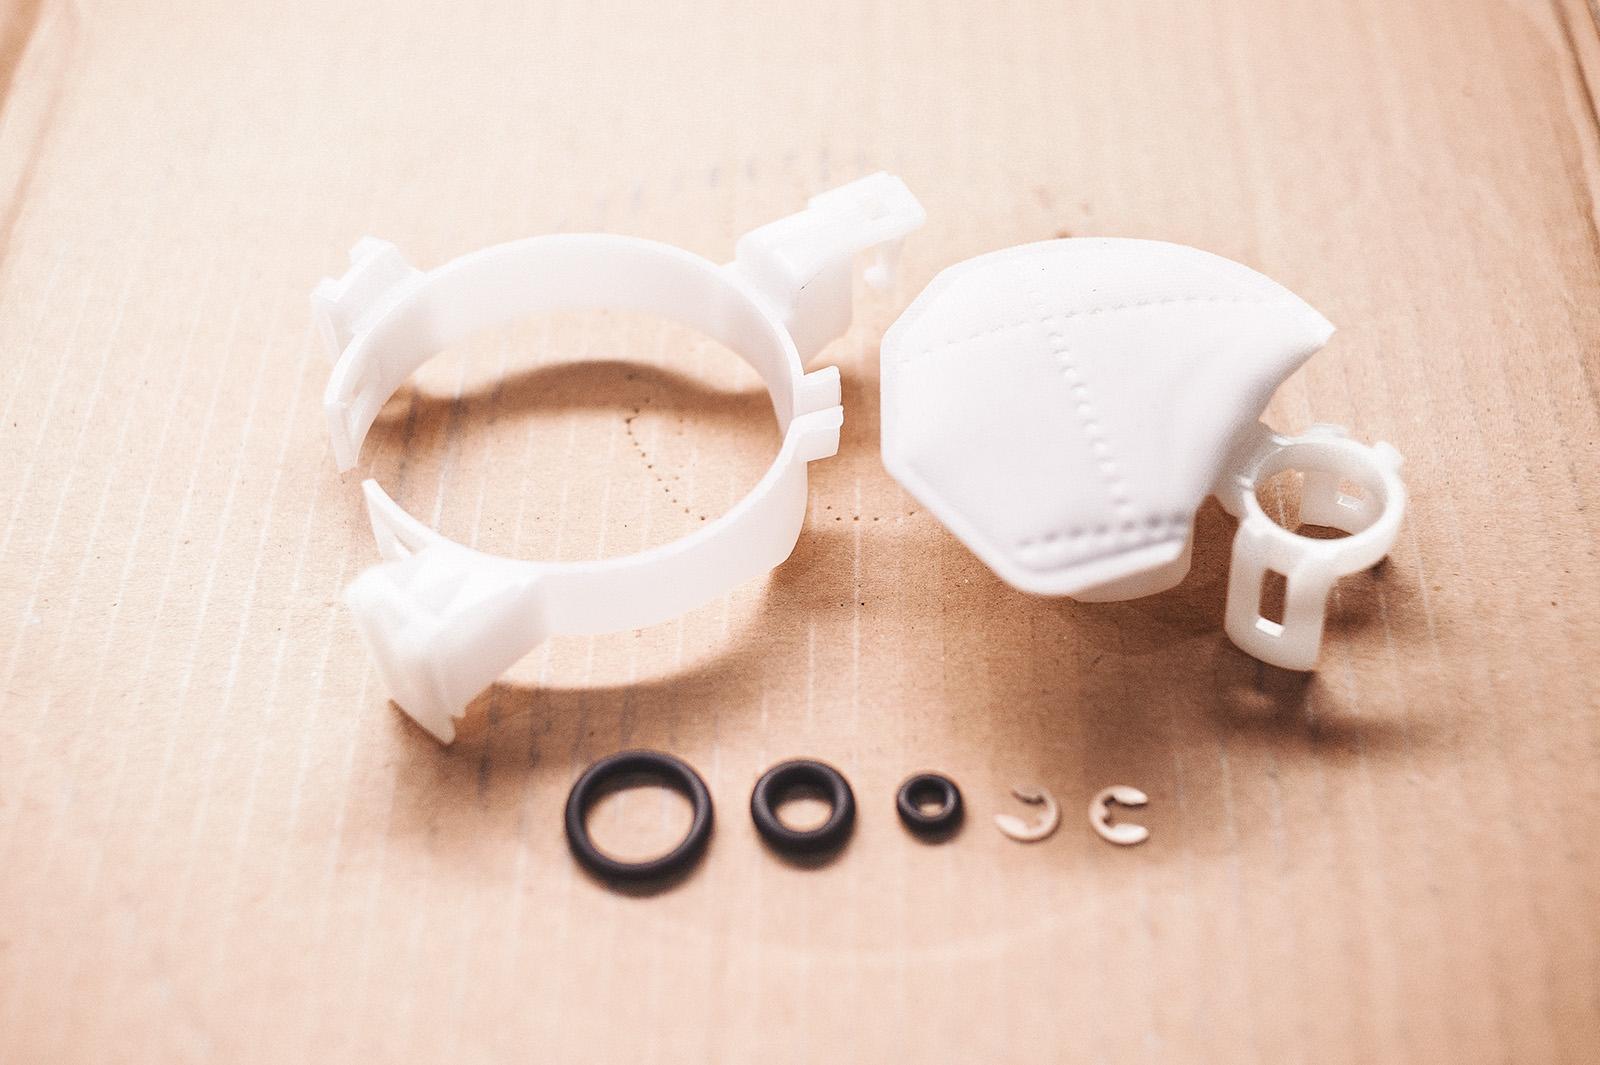 Новые топливный фильтр грубой очистки, уплотнители и фиксаторы